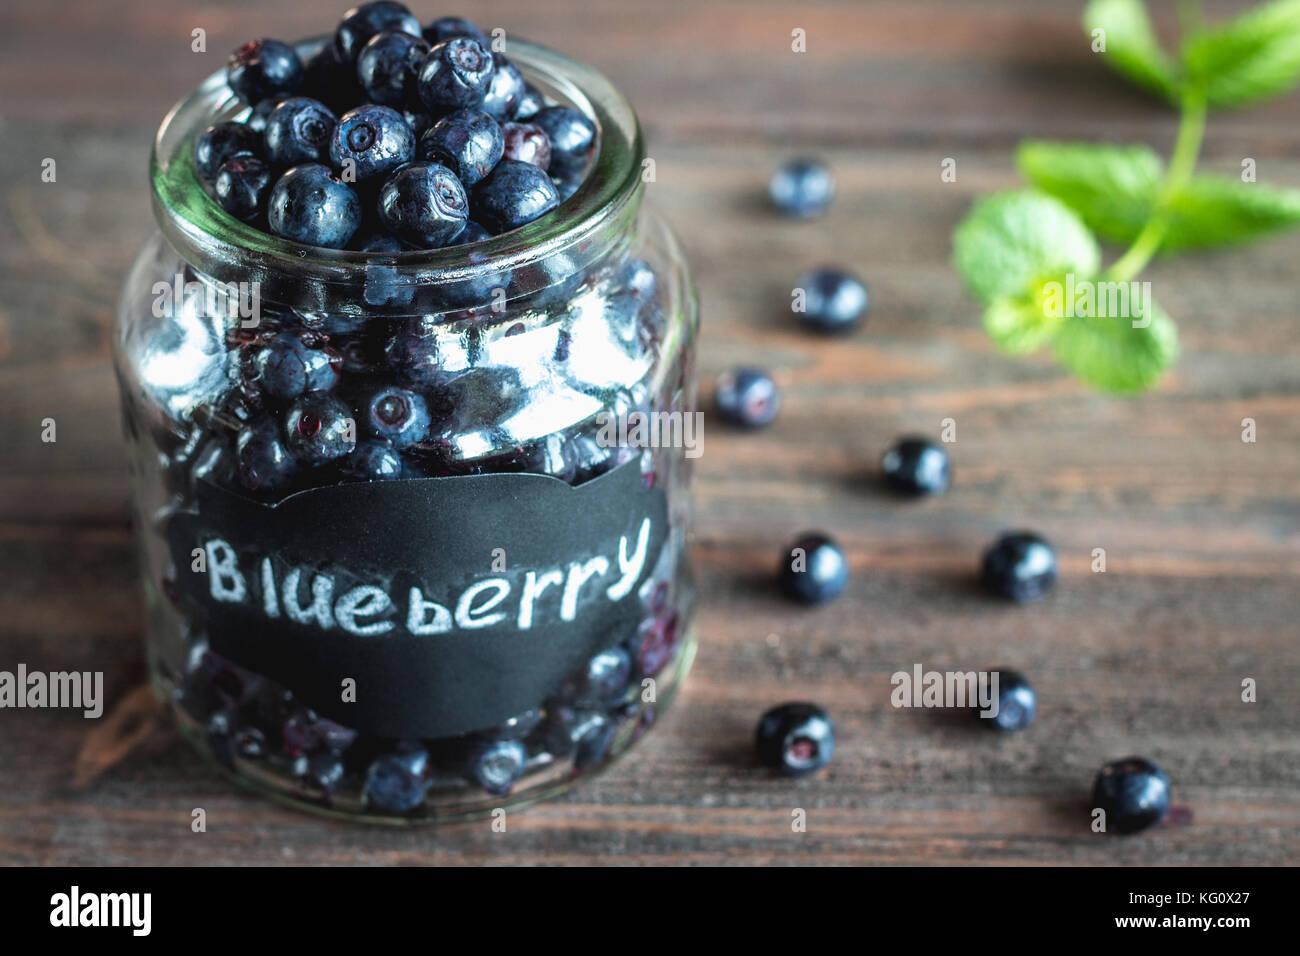 Myrtille bio antioxydant superfood dans un bocal concept pour une saine alimentation et de la nutrition Photo Stock